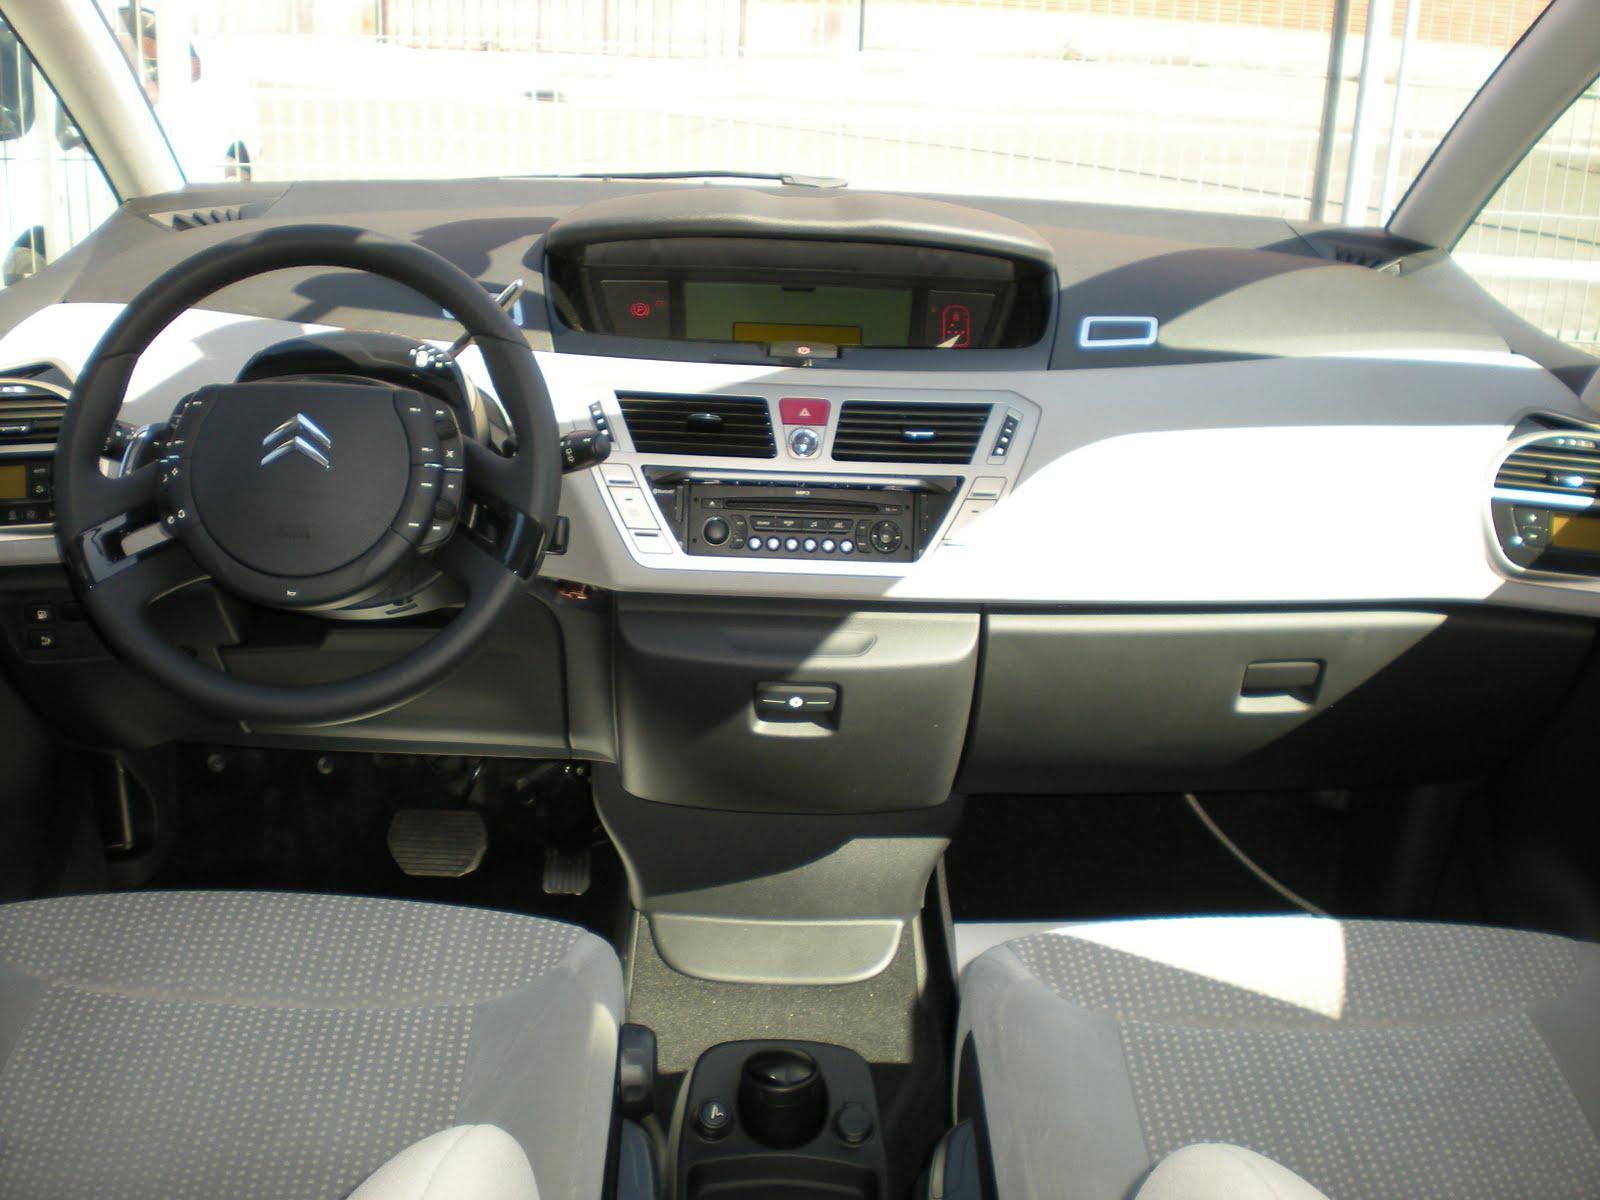 vehiculos de seleccion  c4 picasso hdi 110 cv cmp exclusive